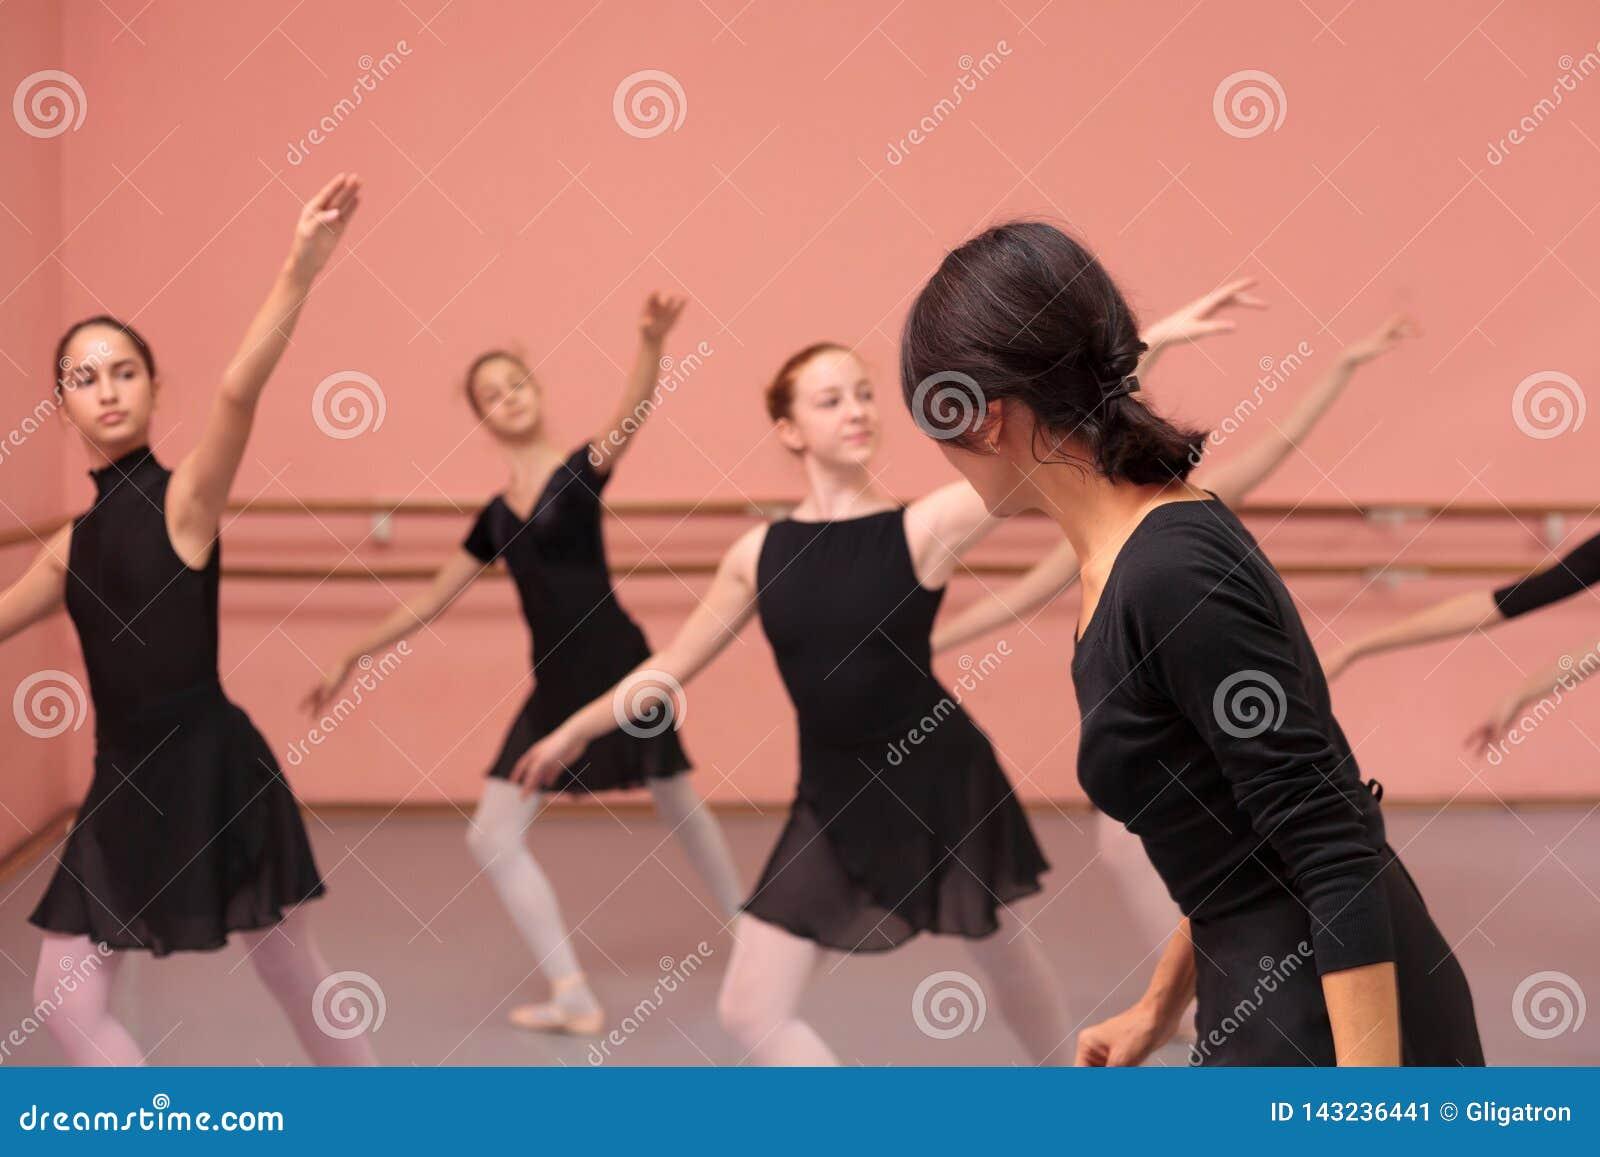 Mittlerer erwachsener weiblicher Ballettlehrer, der mittlere Gruppe Jugendlichen anweist